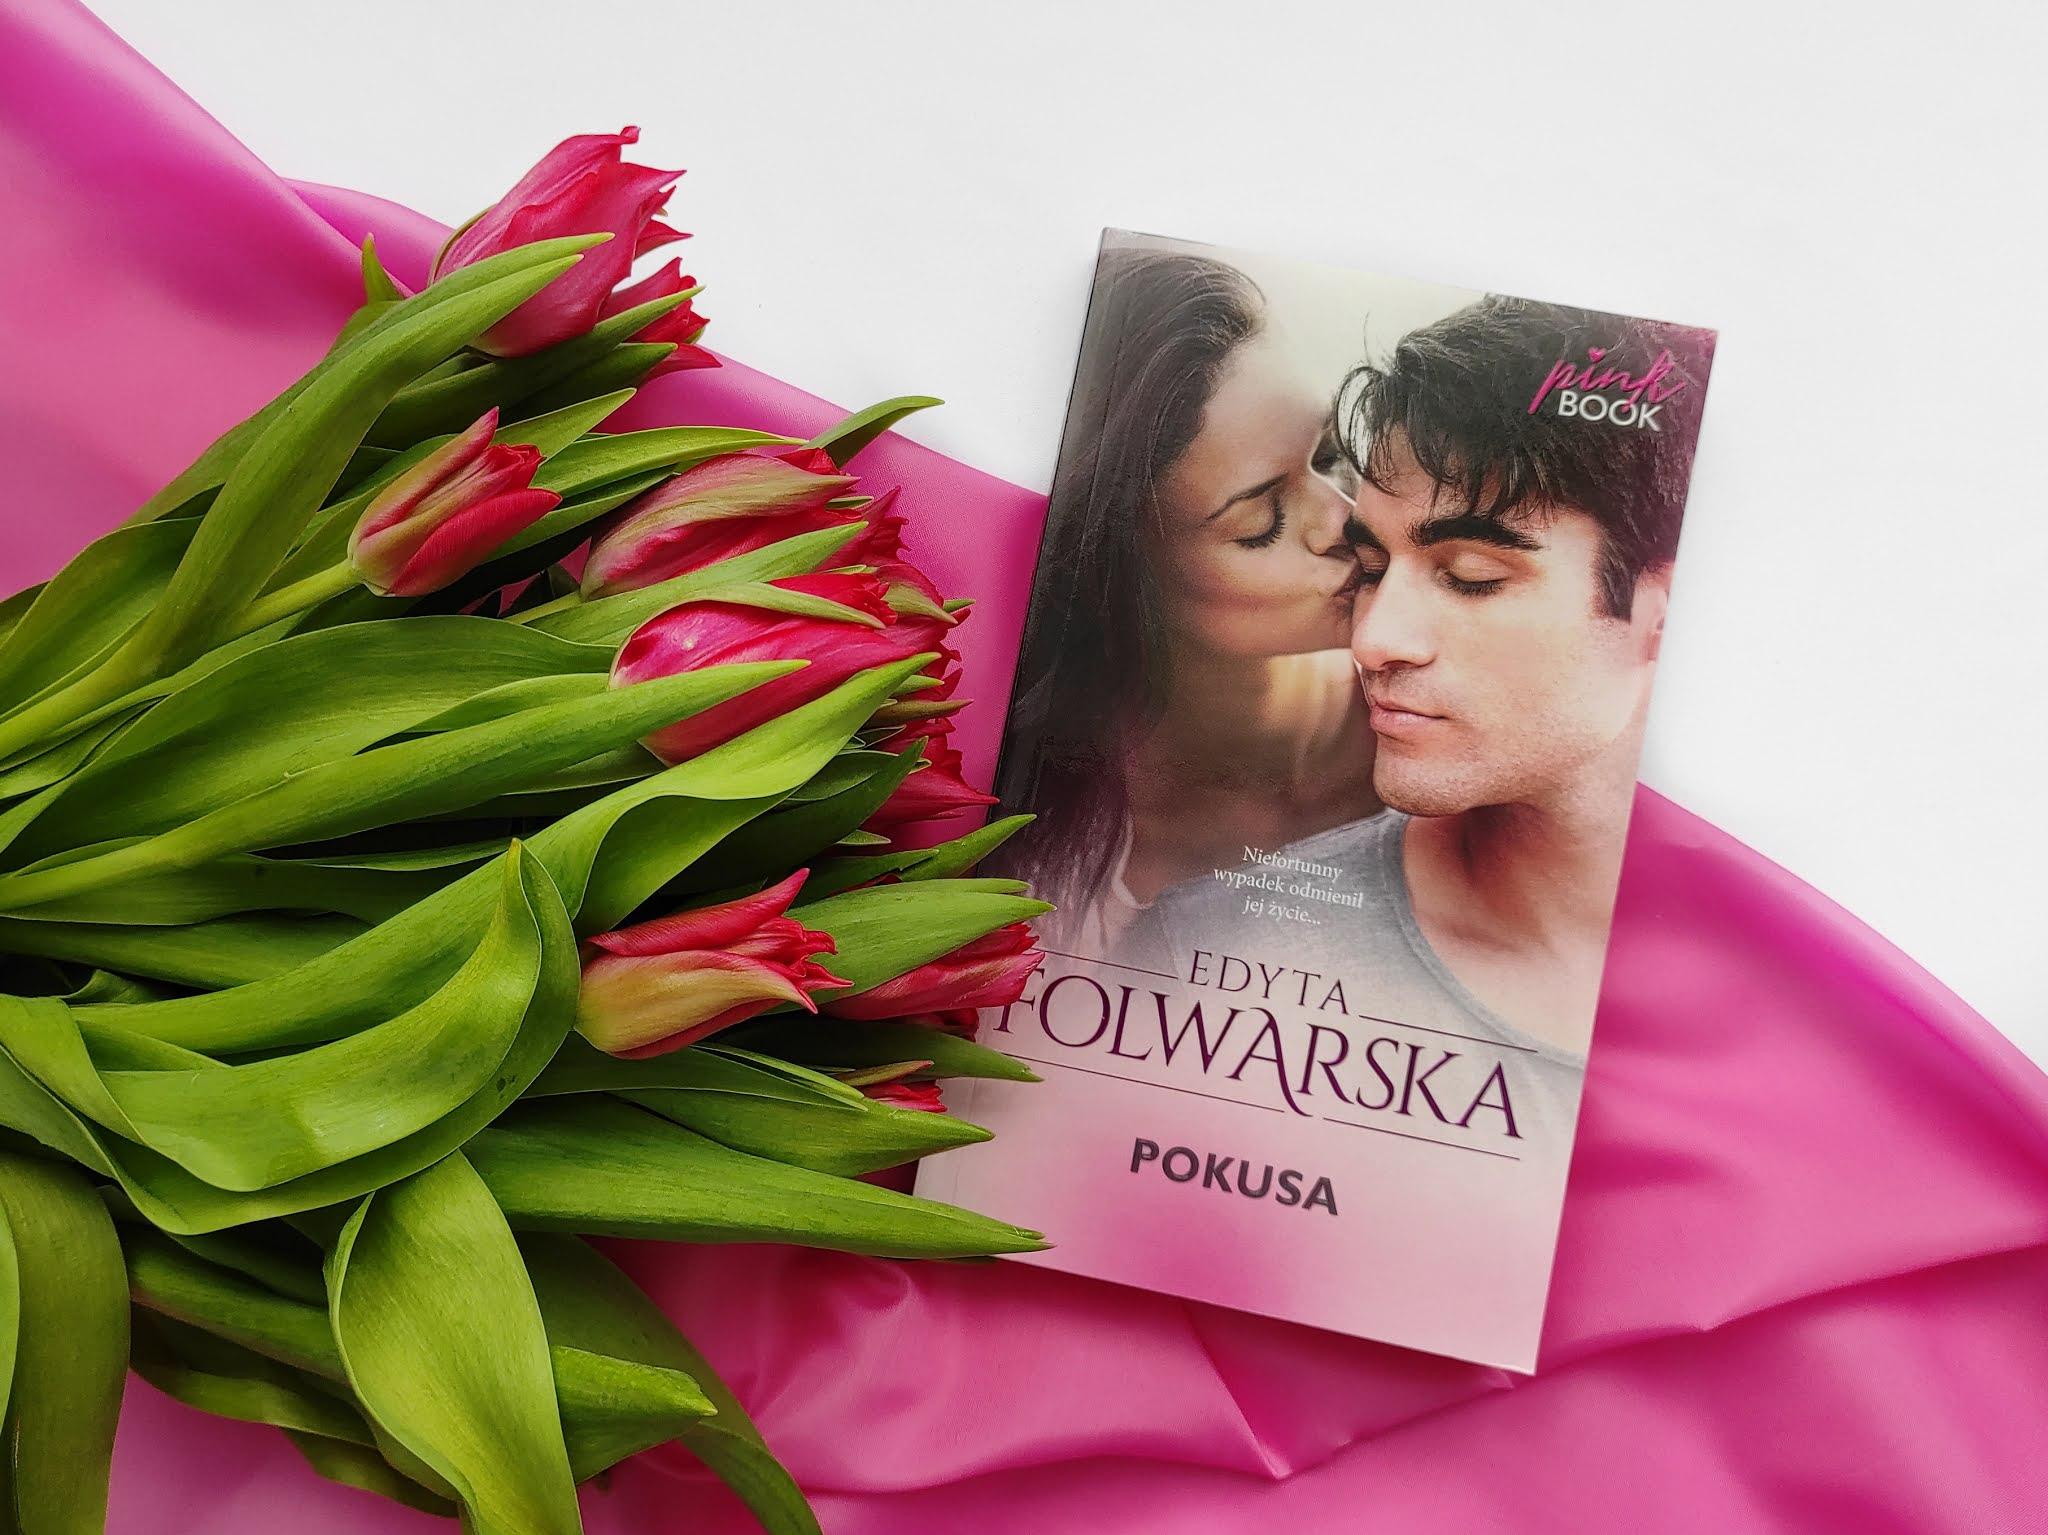 Pokusa Pink Book